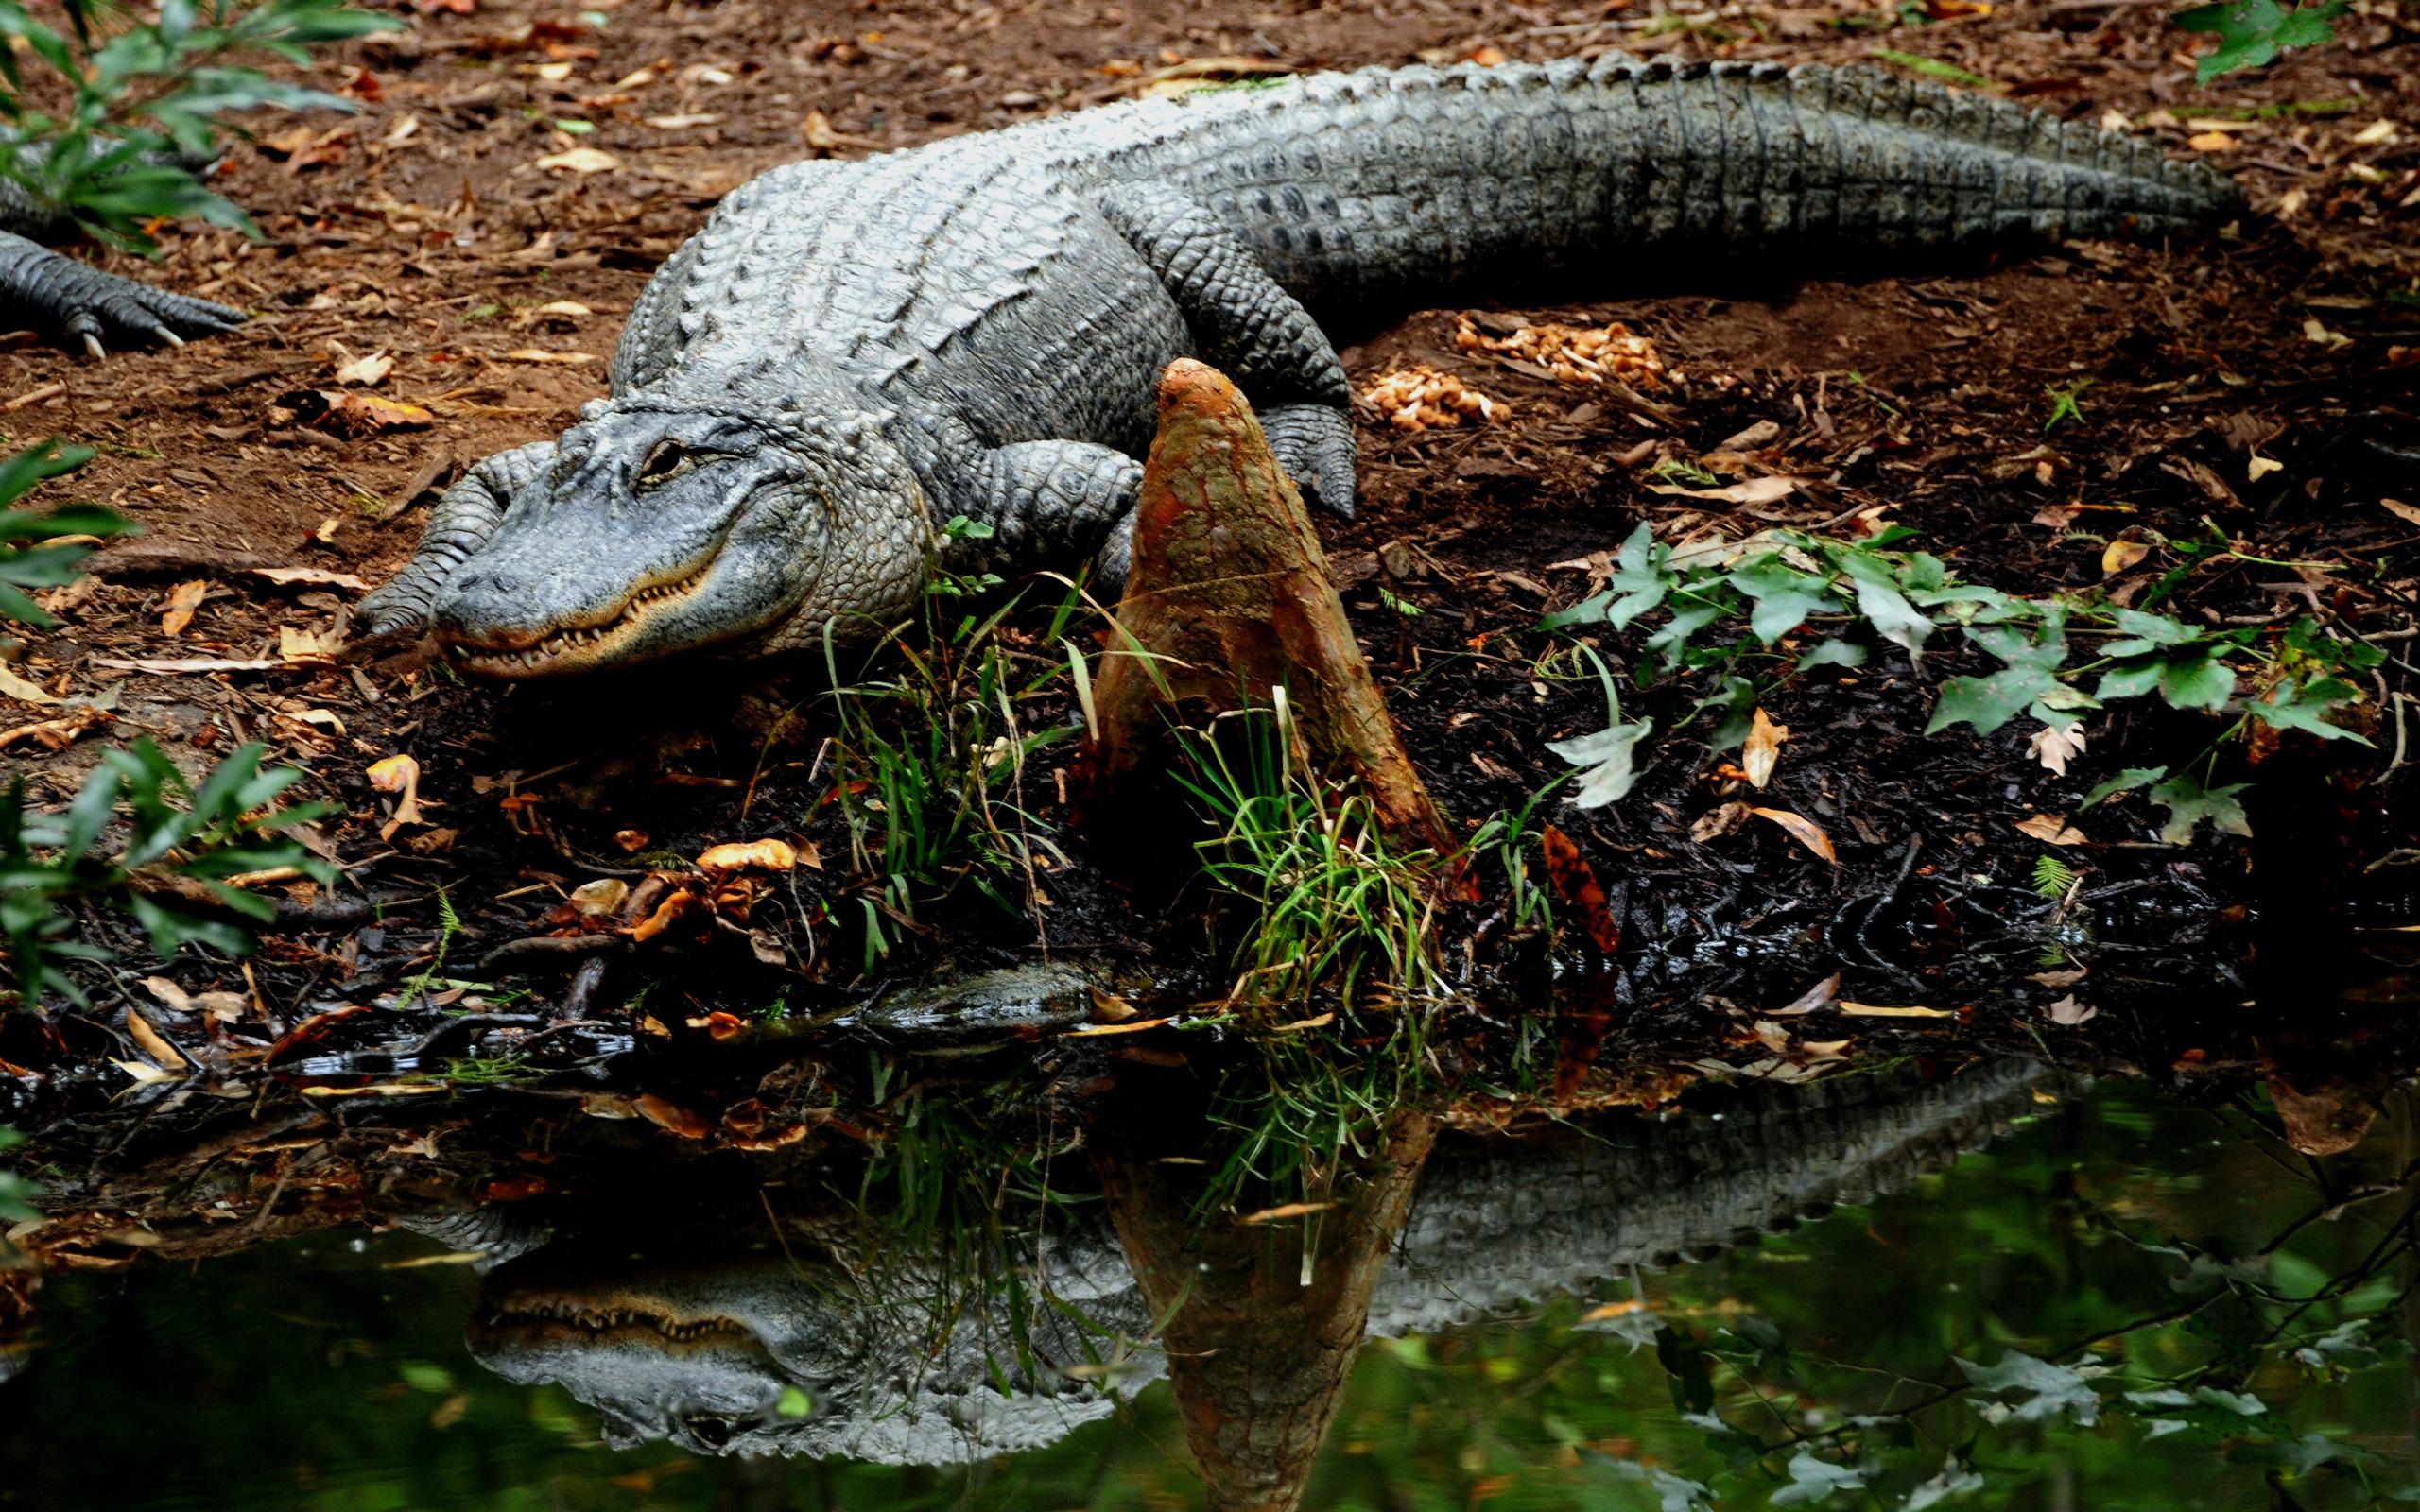 Картинки красивые крокодилов, мая открытки поздравлением